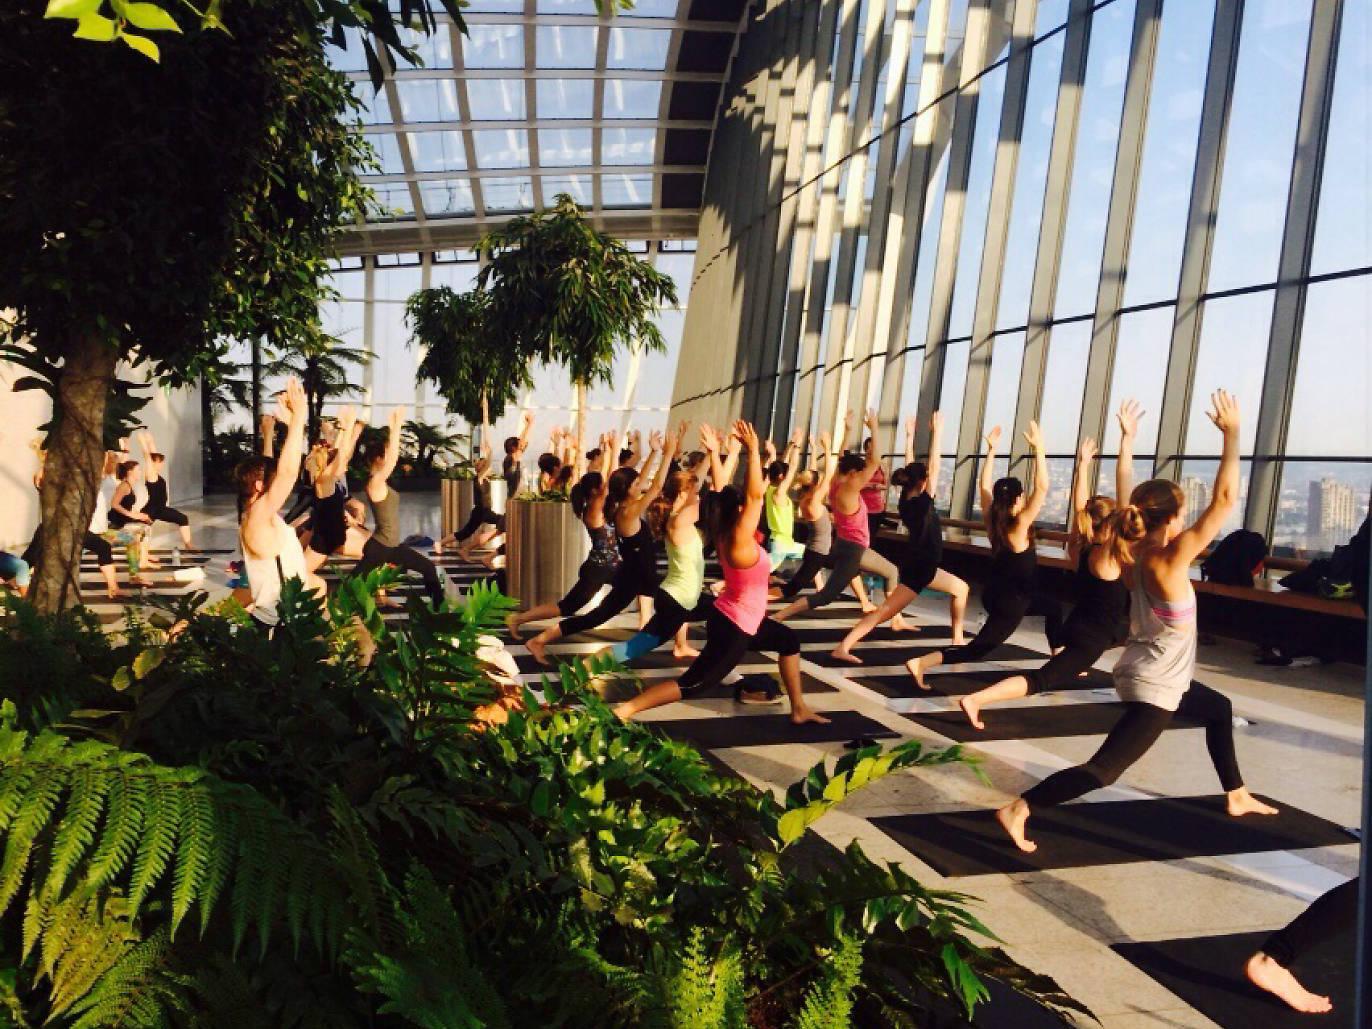 Sky Garden Yoga